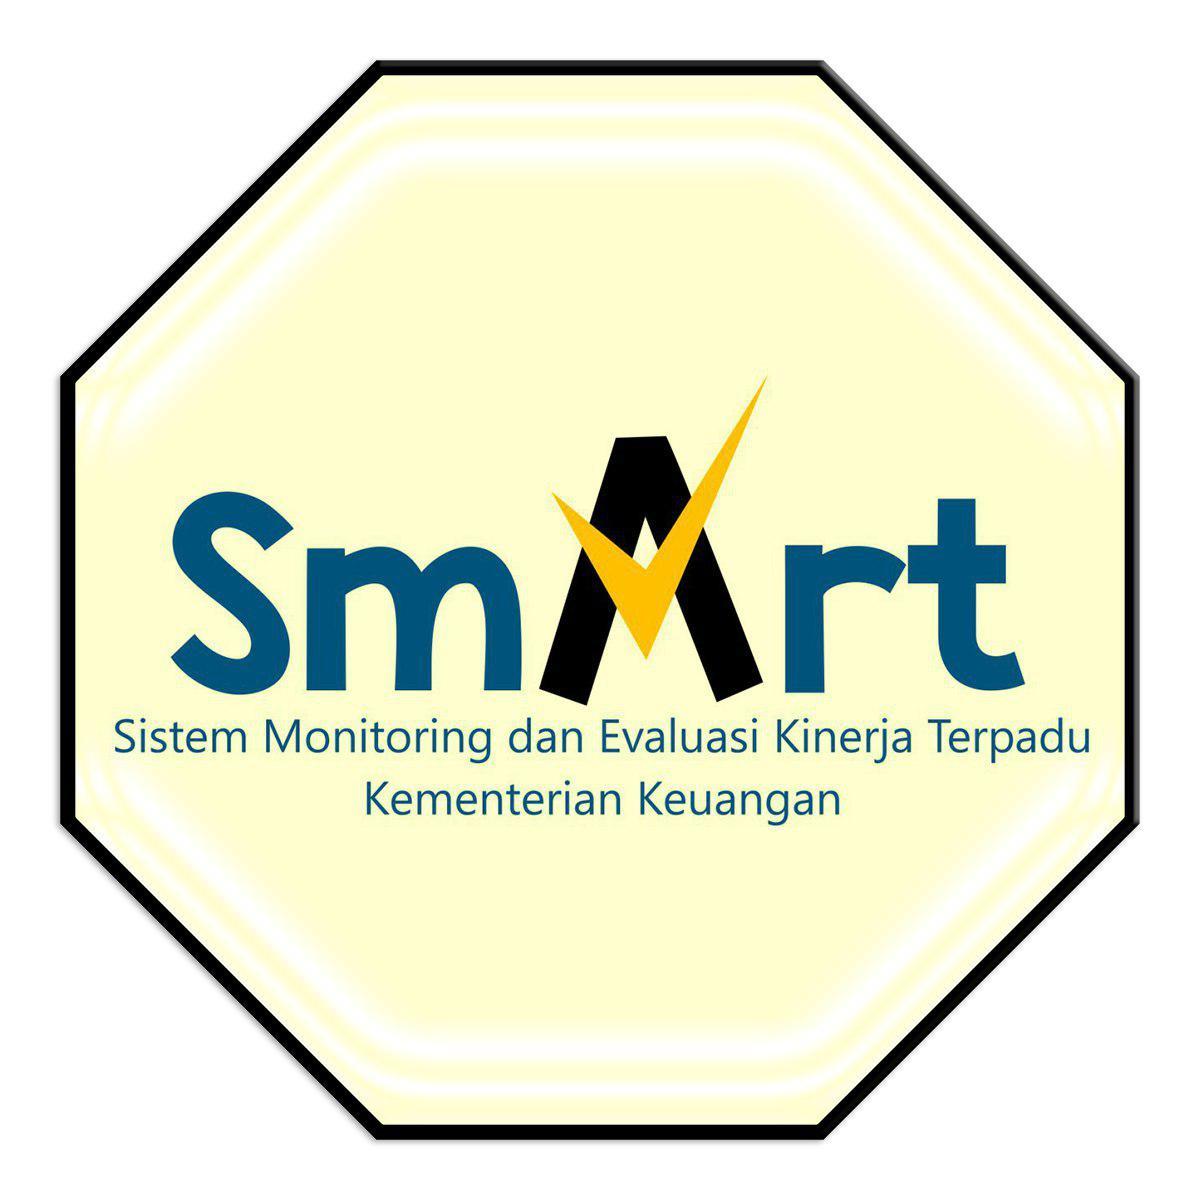 Sistem Monitoring dan Evaluasi Kinerja Terpadu Kementrian Keuangan